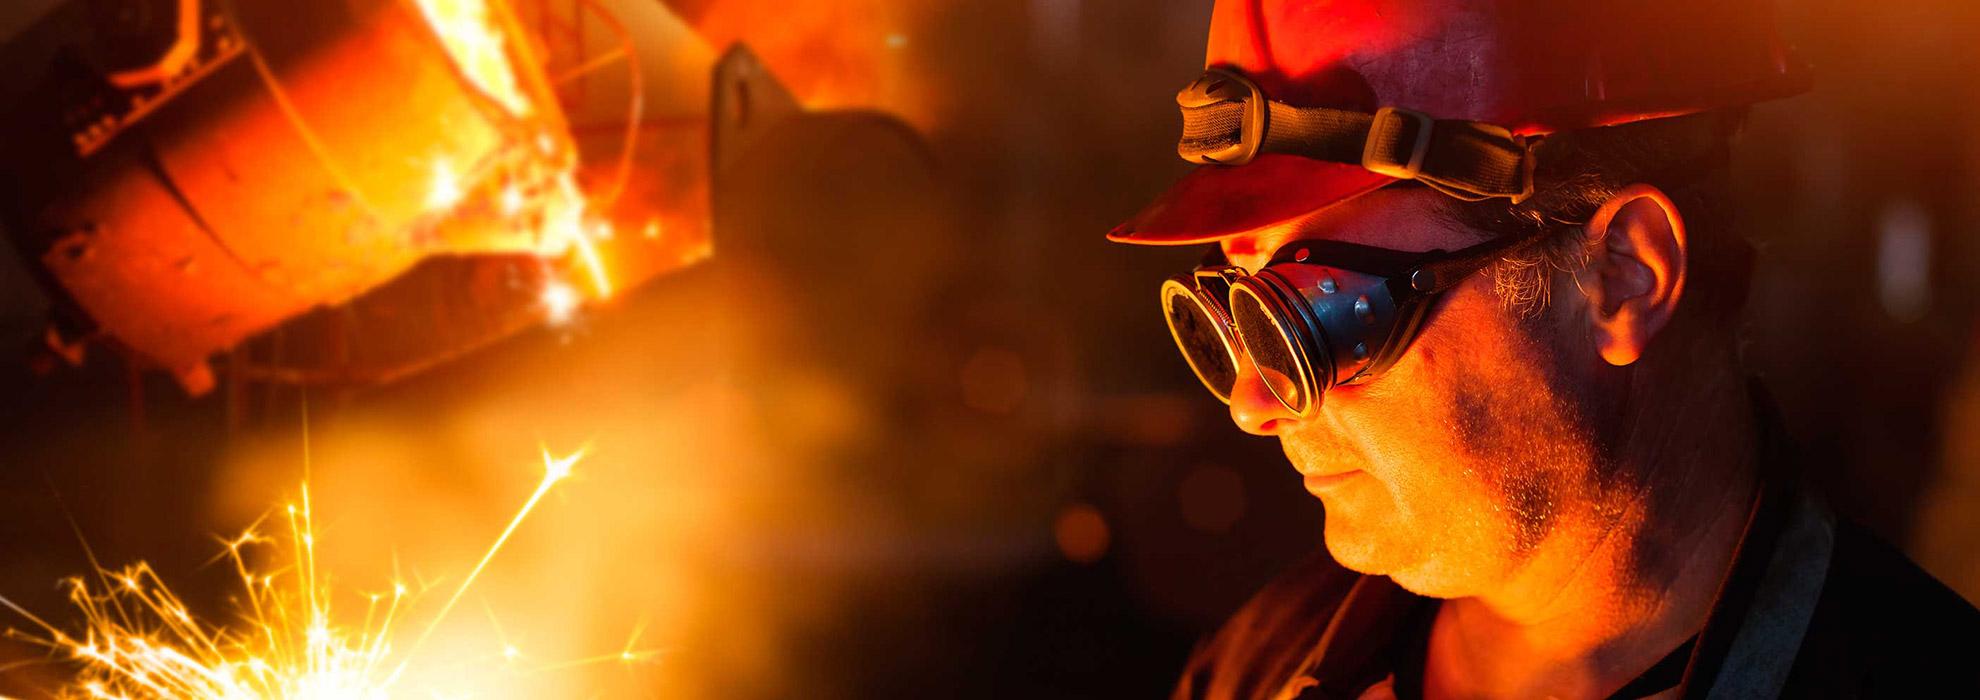 Mineria1 | Soluciones en Lavandería para Minería | Hi-Wash - Soluciones de Lavado, Secado y Planchado